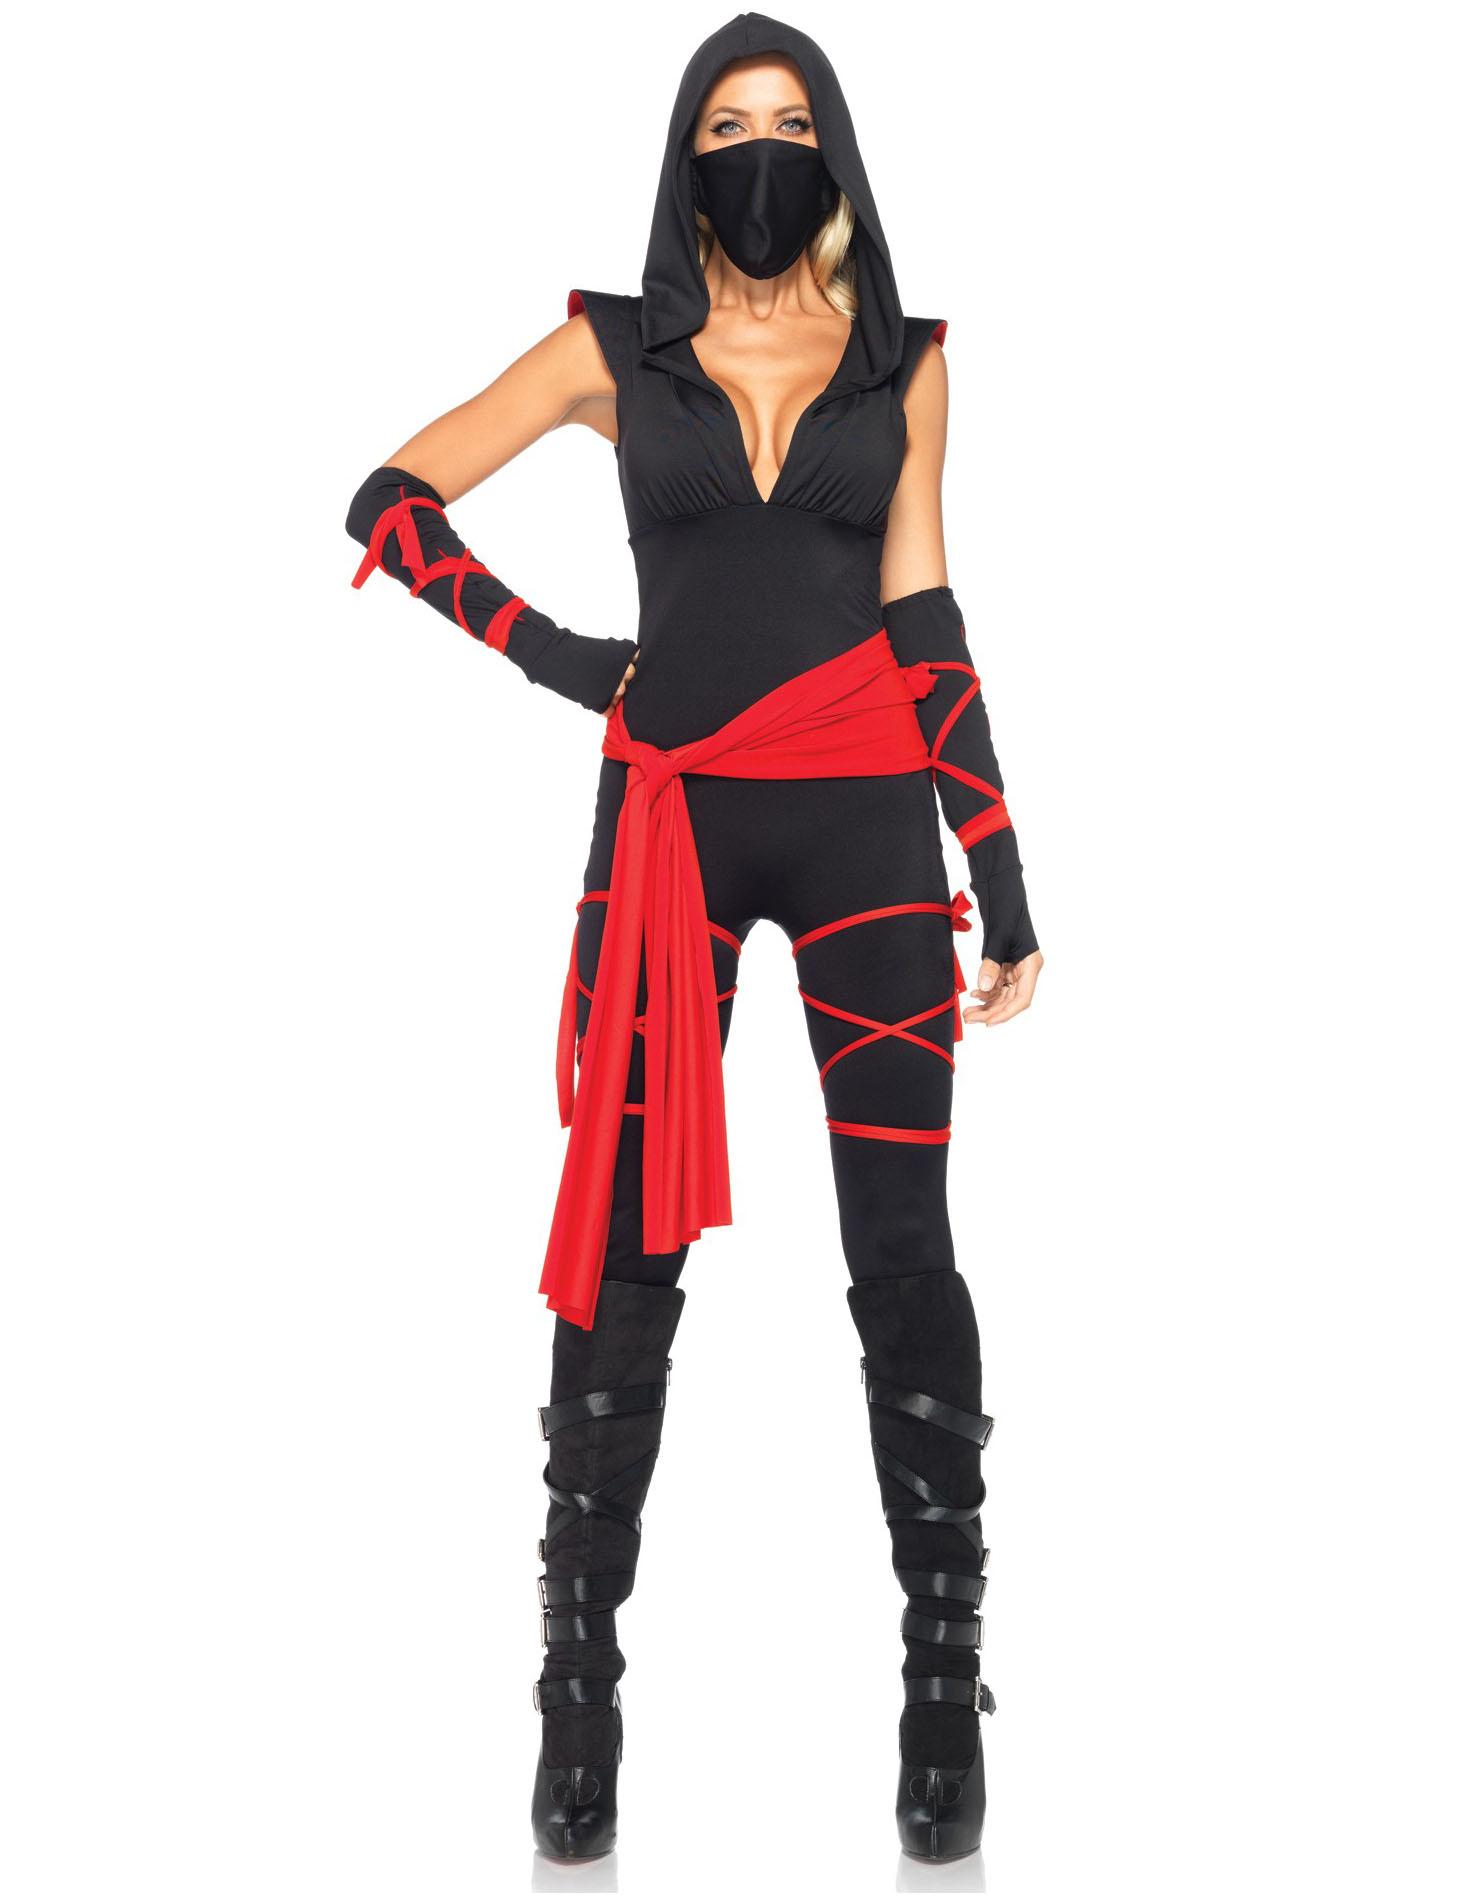 Carnavalskleding Dames Ninja.Sexy Ninja Outfit Voor Dames Volwassenen Kostuums En Goedkope